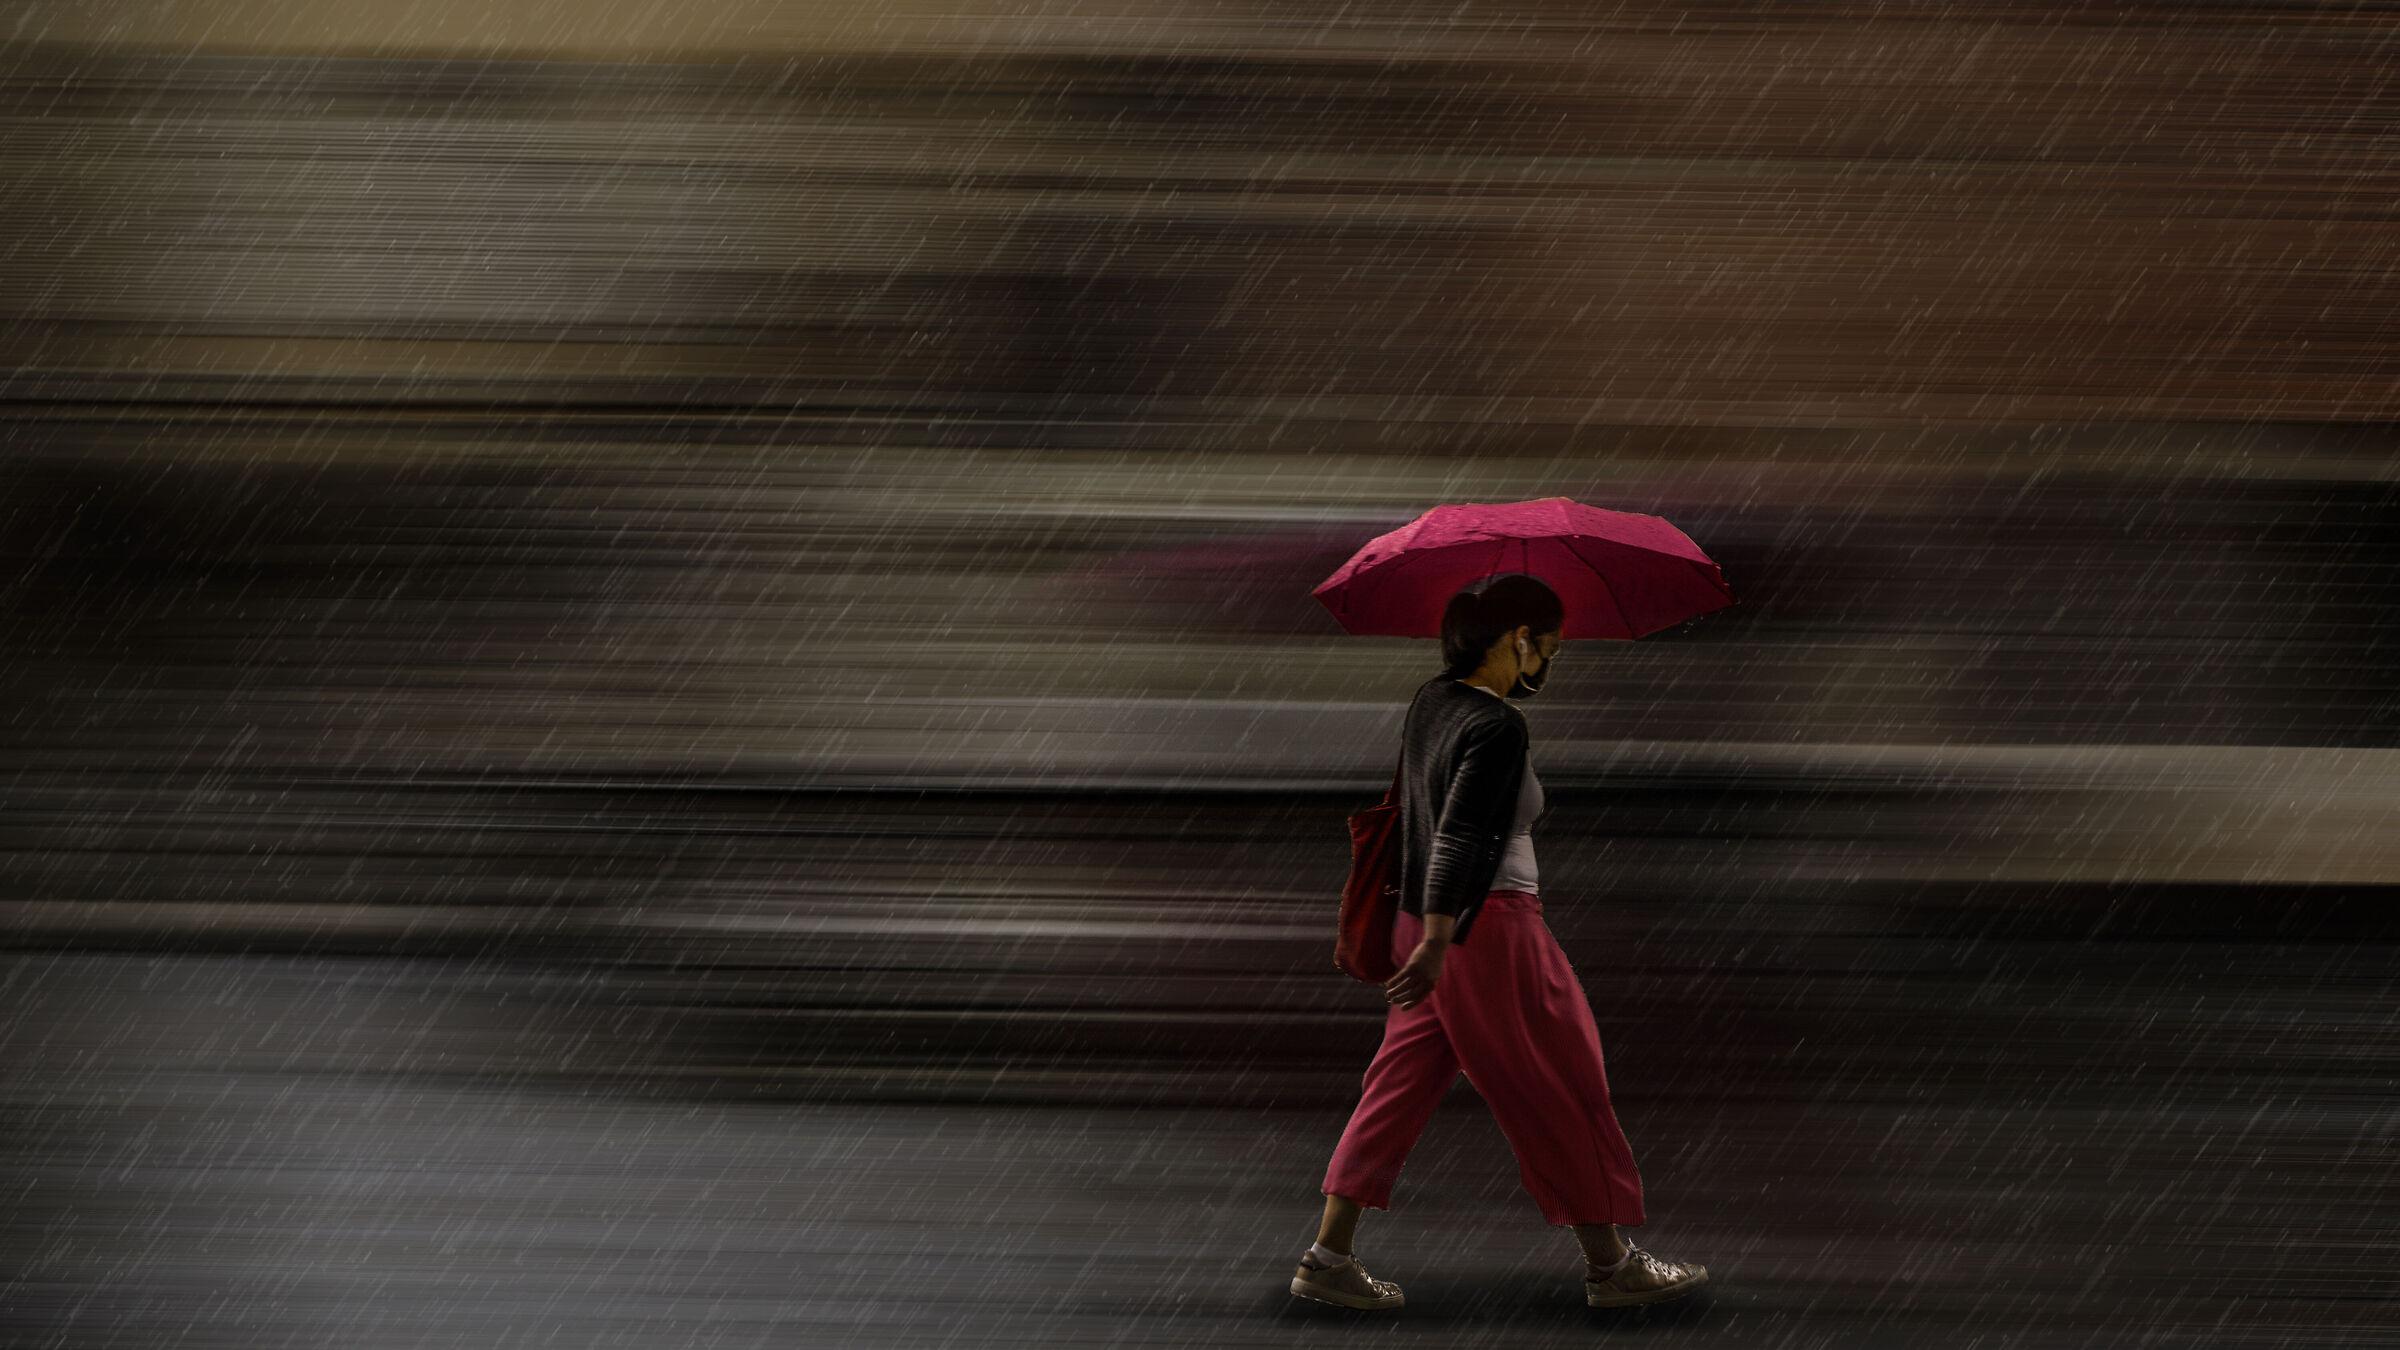 Alone in the rain...